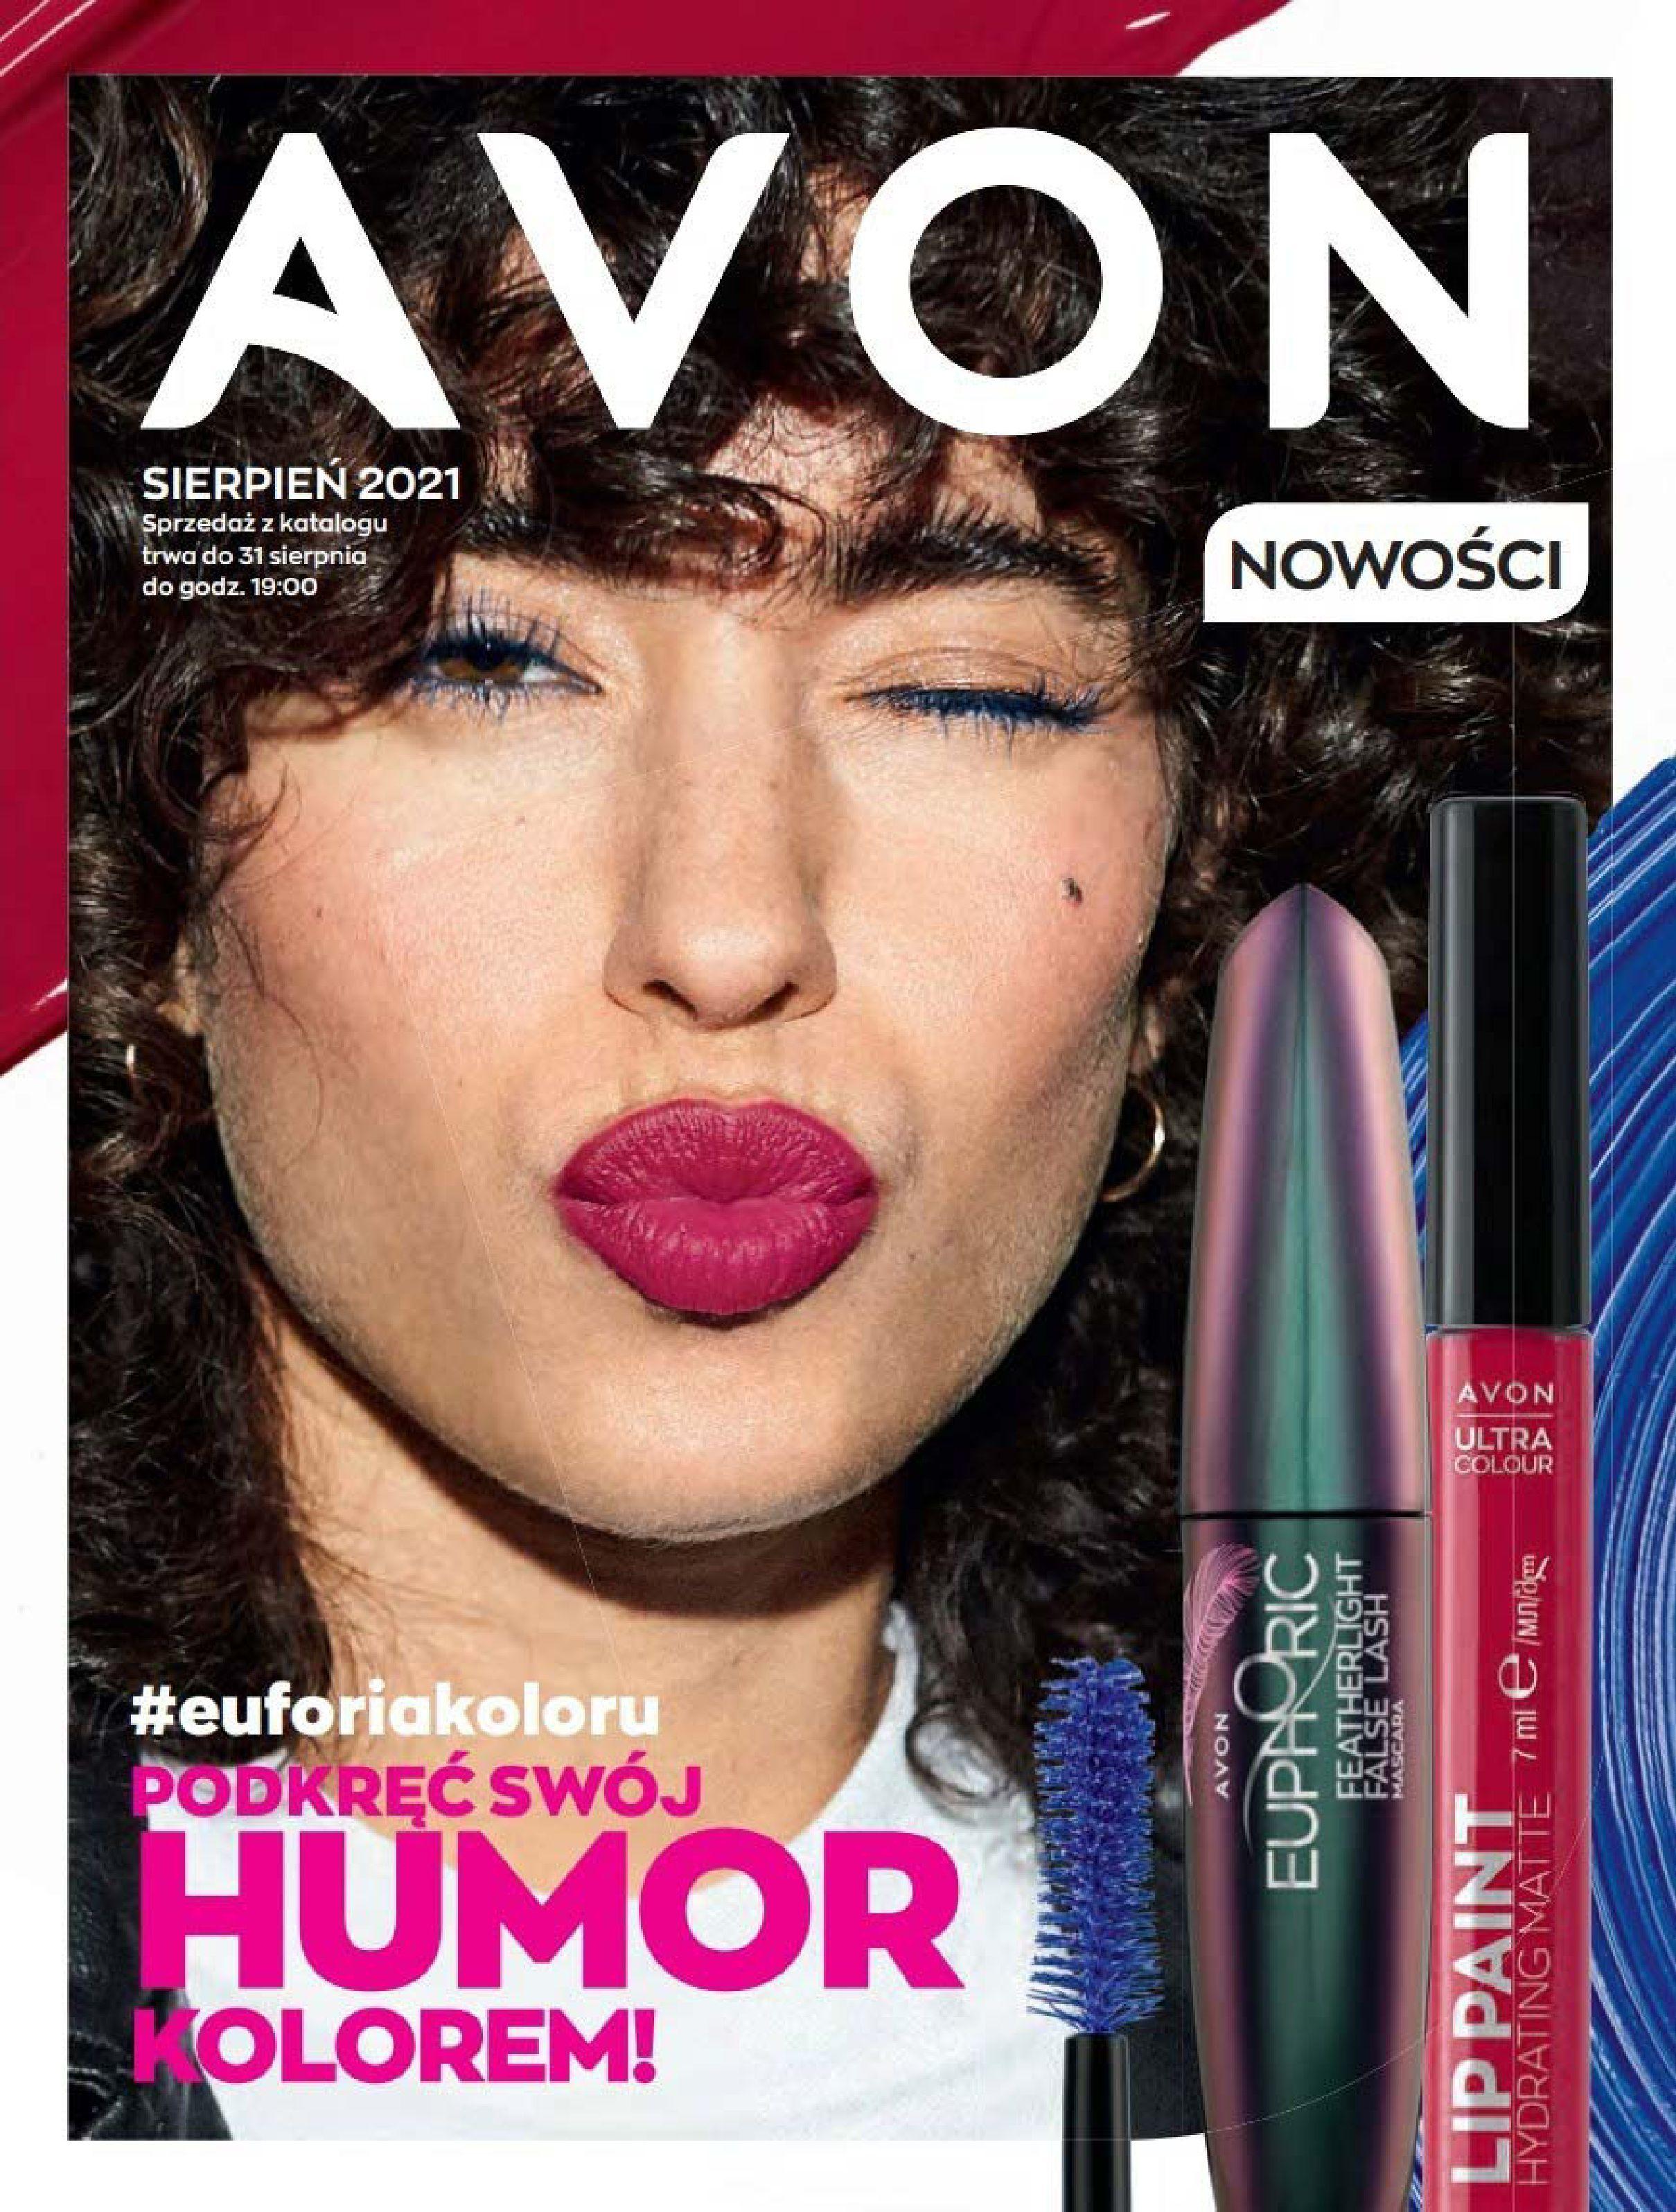 Gazetka Avon: Katalog Avon Sierpień 2021 2021-08-01 page-1